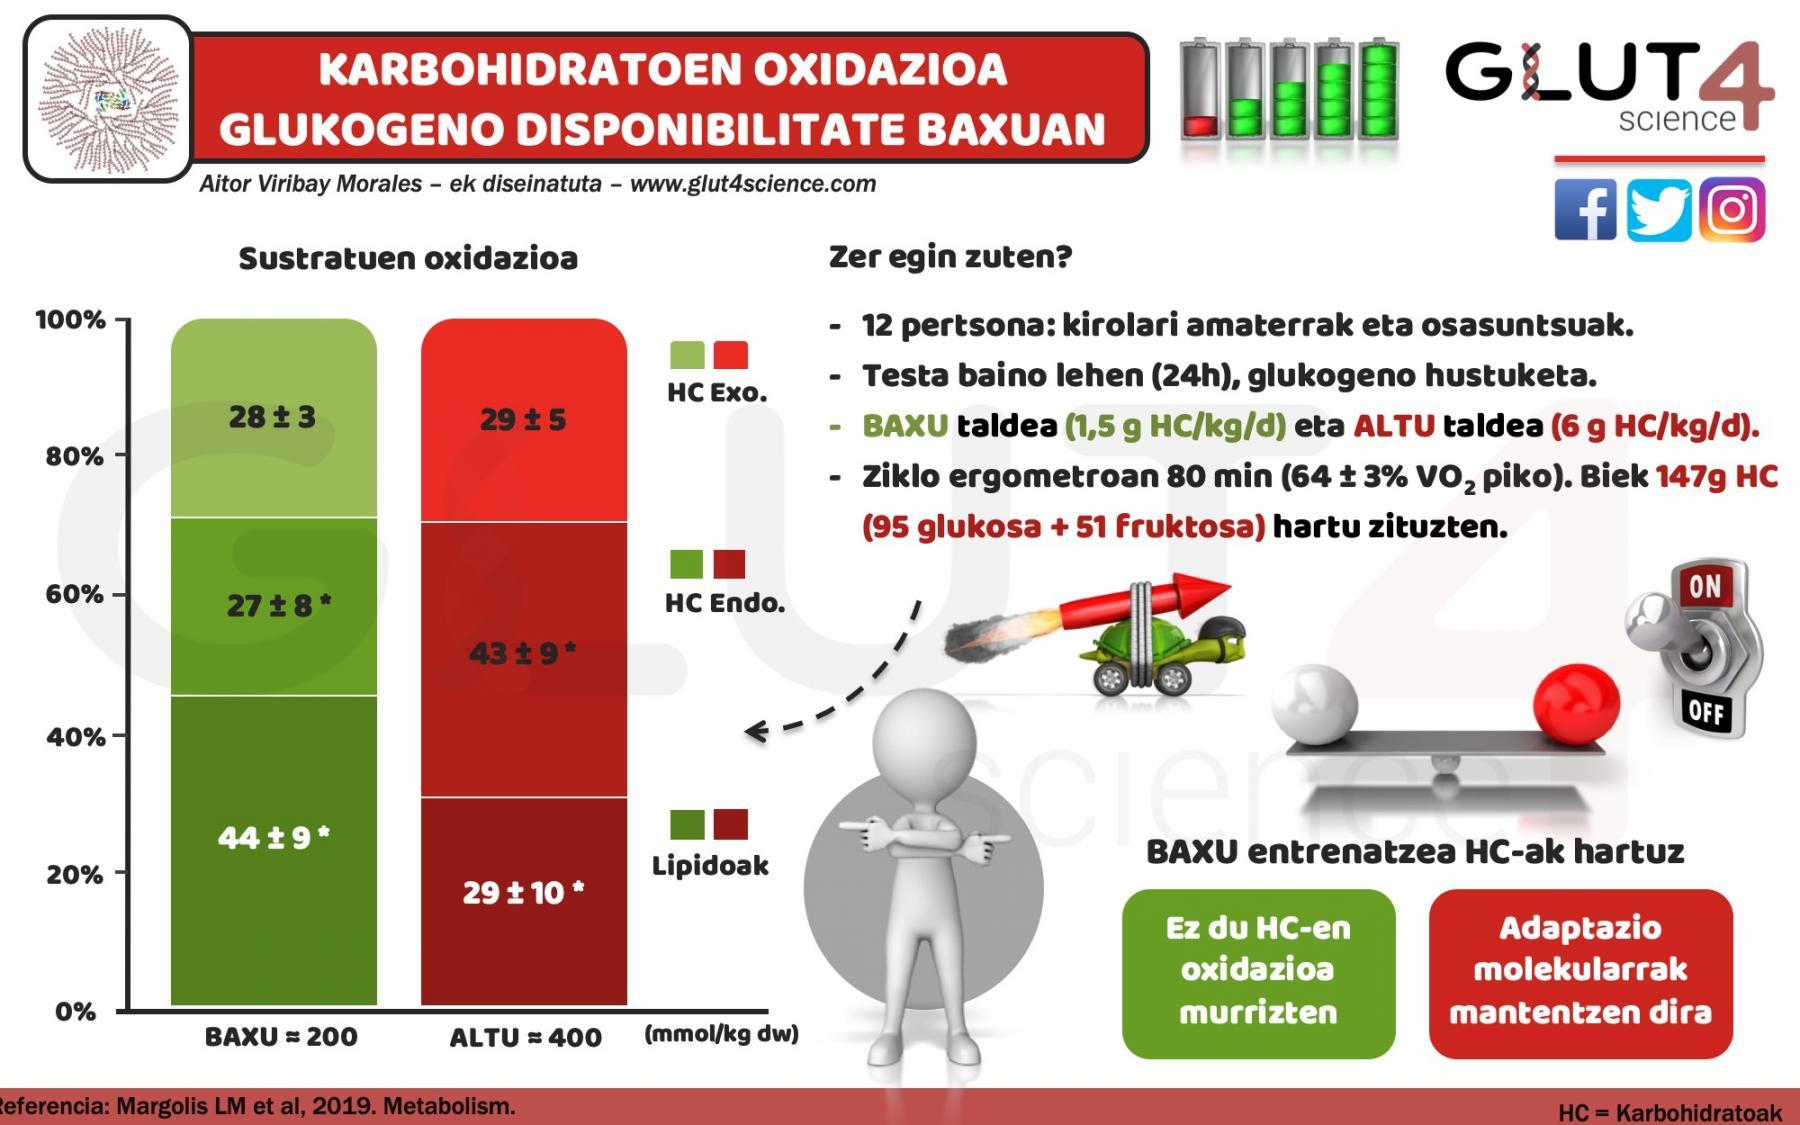 Karbohidratoen oxidazioa Low Carb entrenamenduetan